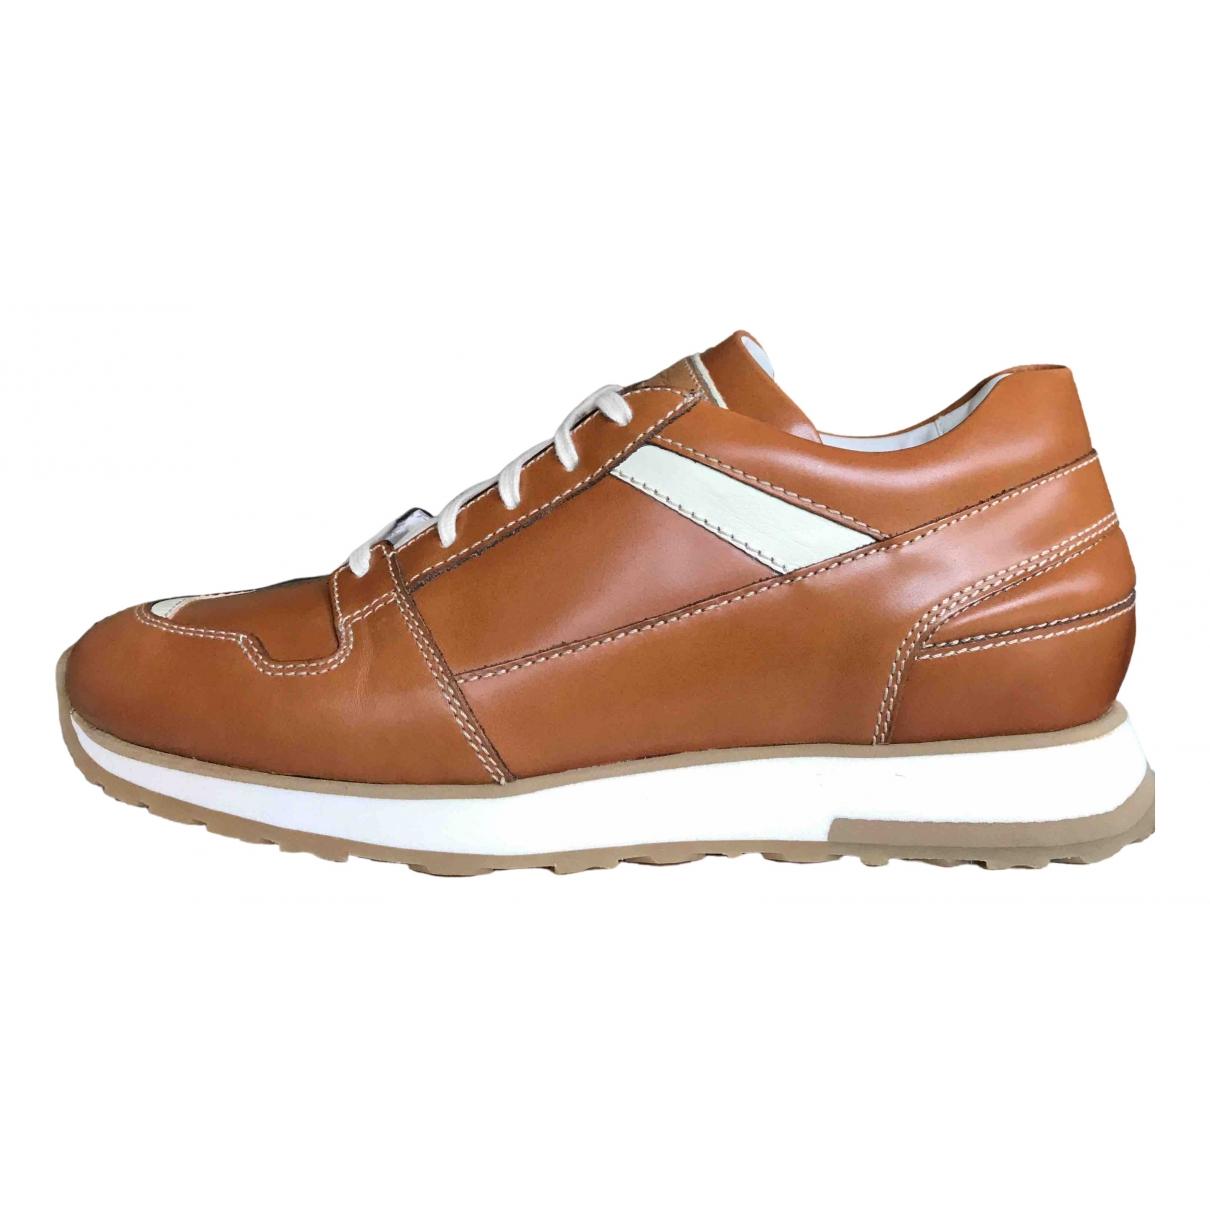 Santoni \N Sneakers in  Kamel Leder